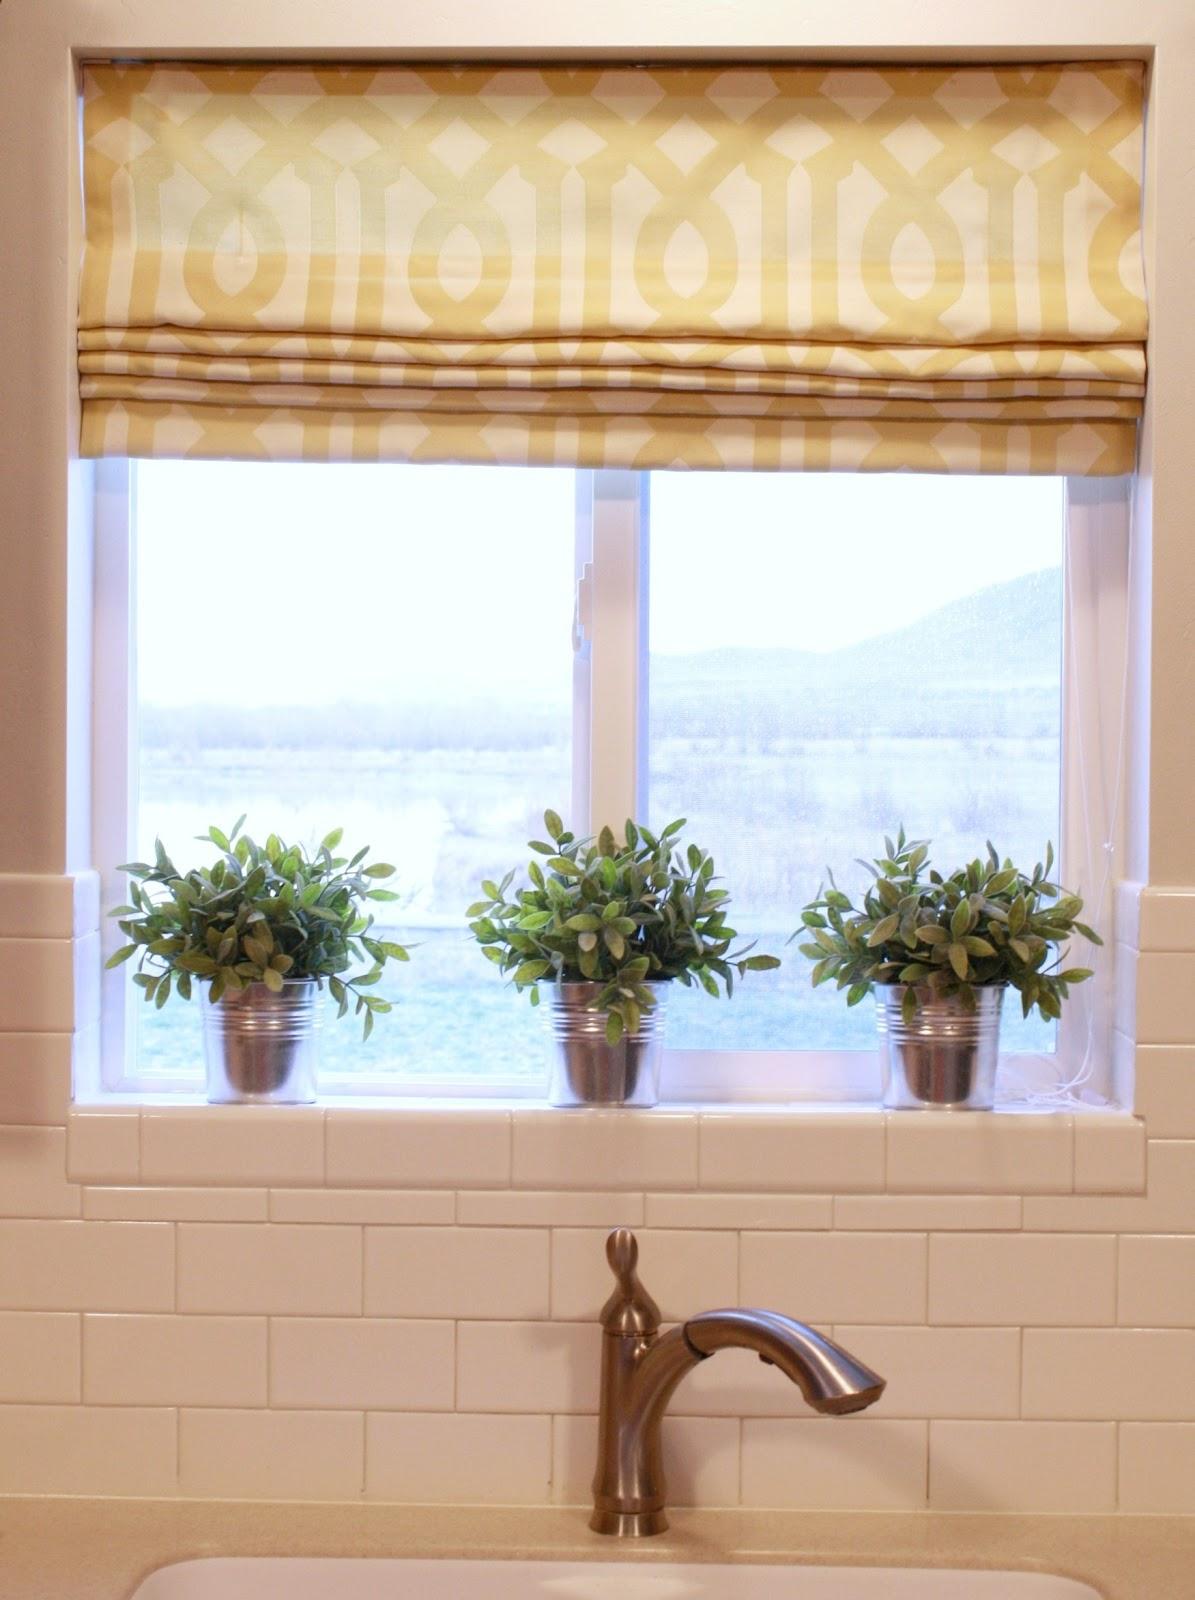 Kitchen window shades 2017 grasscloth wallpaper for Window kitchen